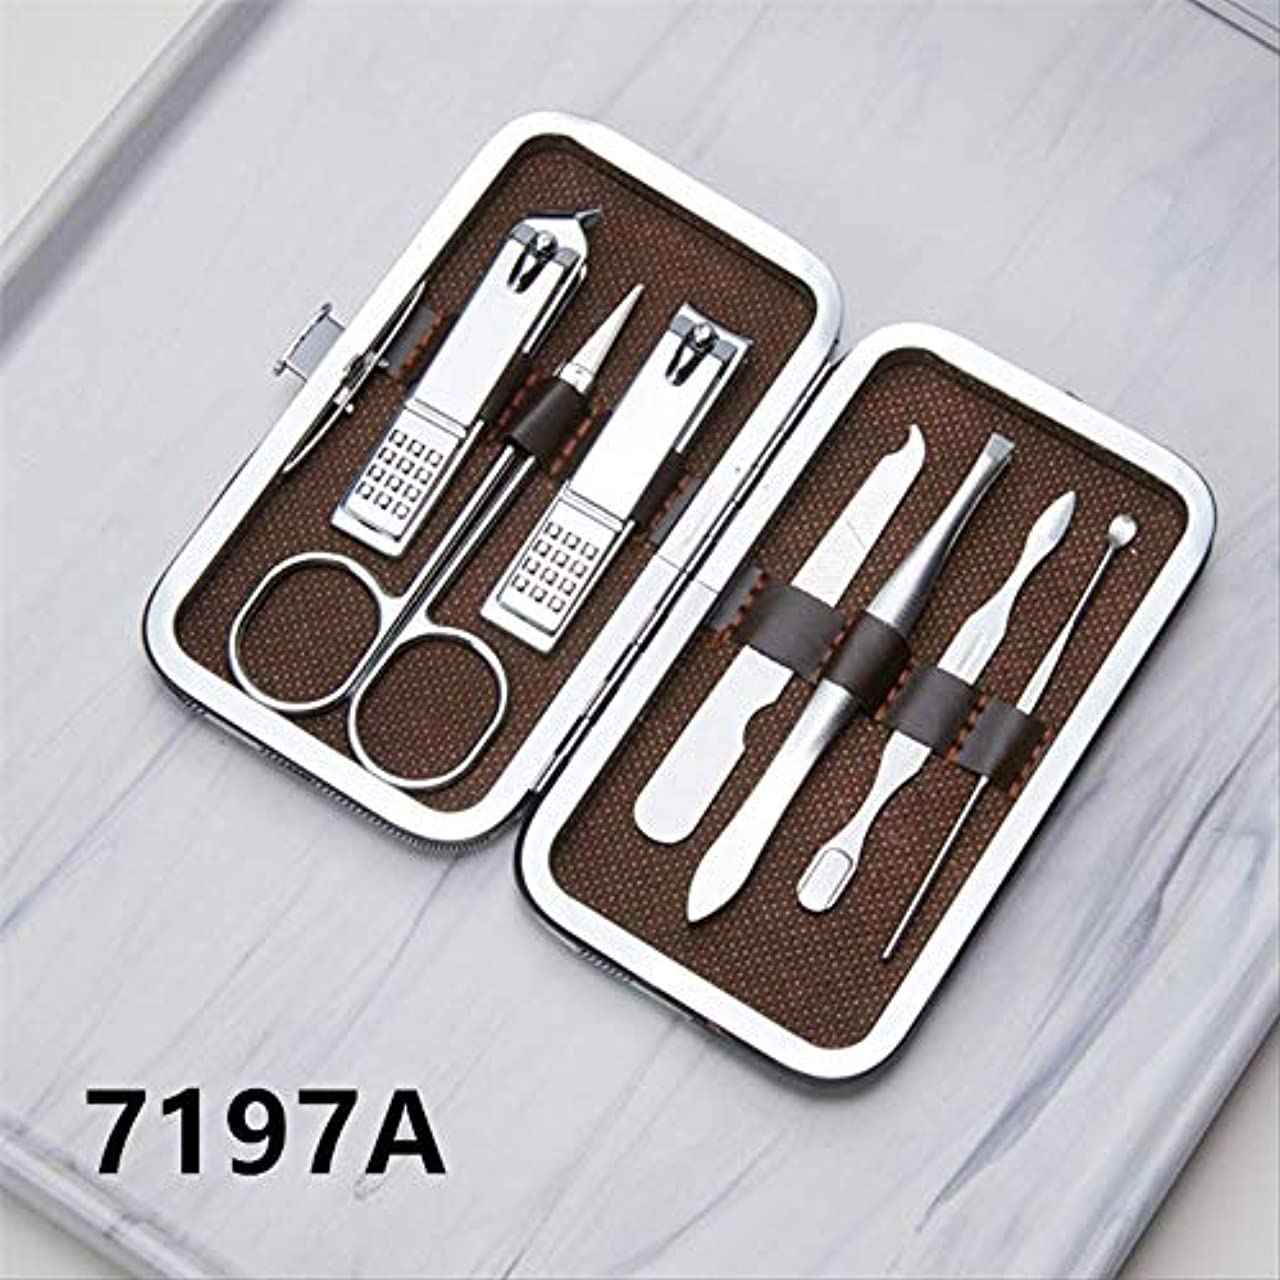 豊富に怖がらせる交じる爪切りセット16ピースペディキュアナイフ美容プライヤー爪ツール 7197A